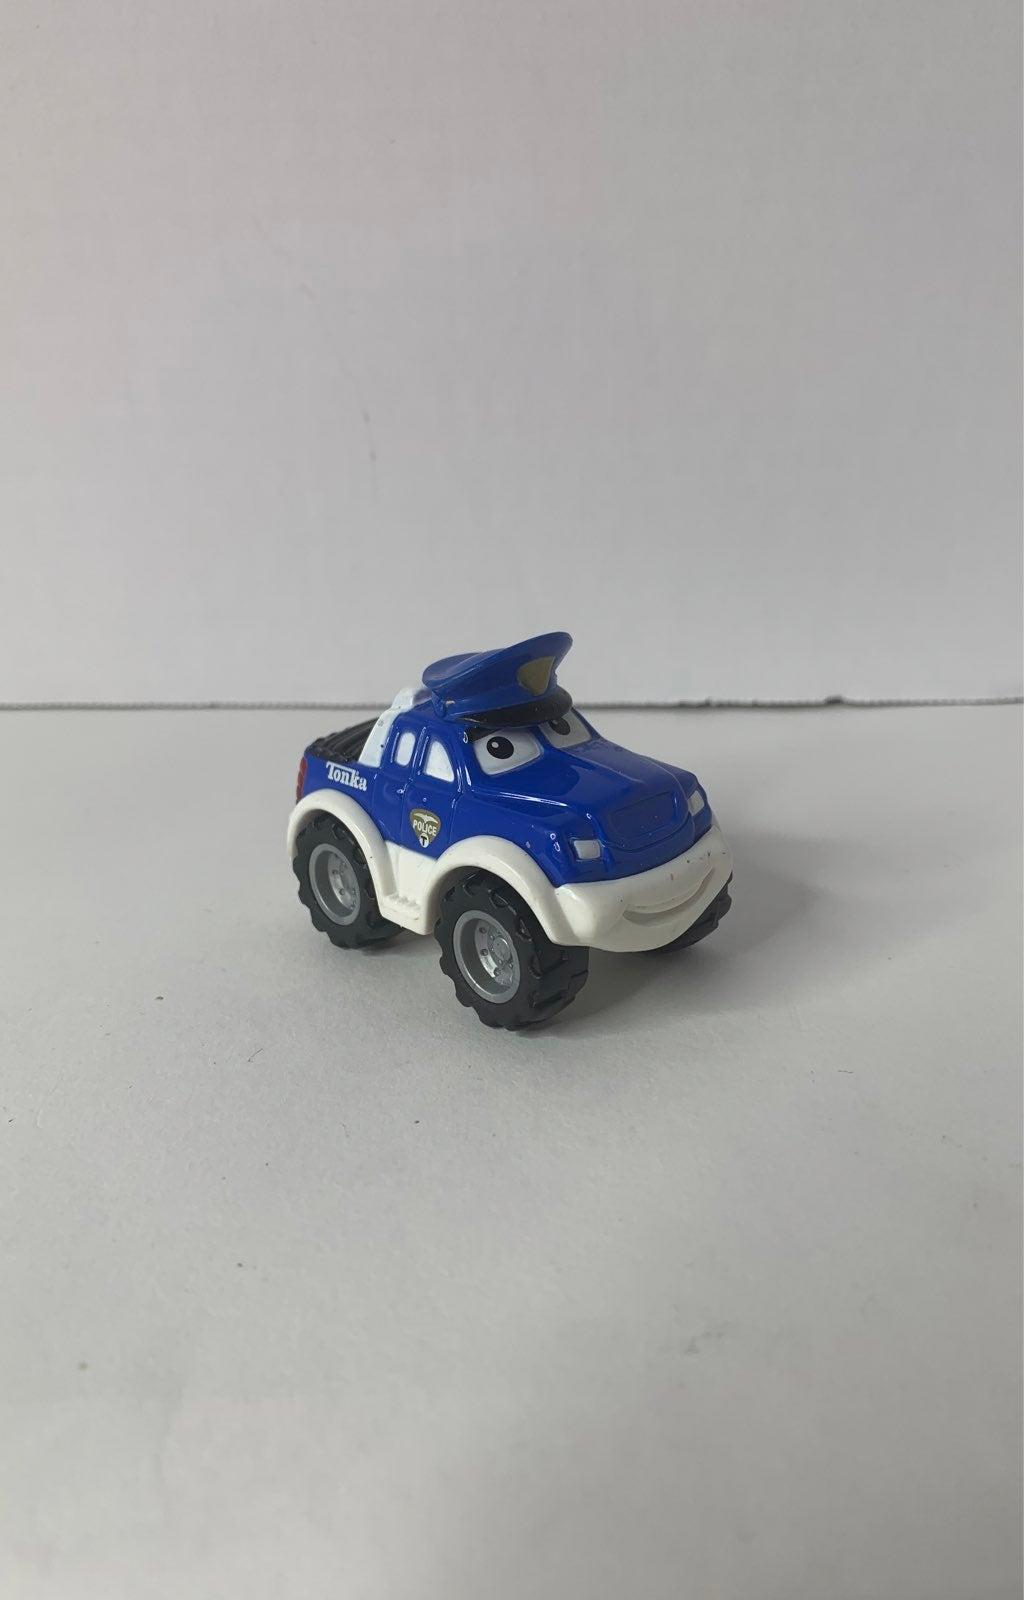 MAISTO TONKA 2004 TOY POLICE CAR HASBRO